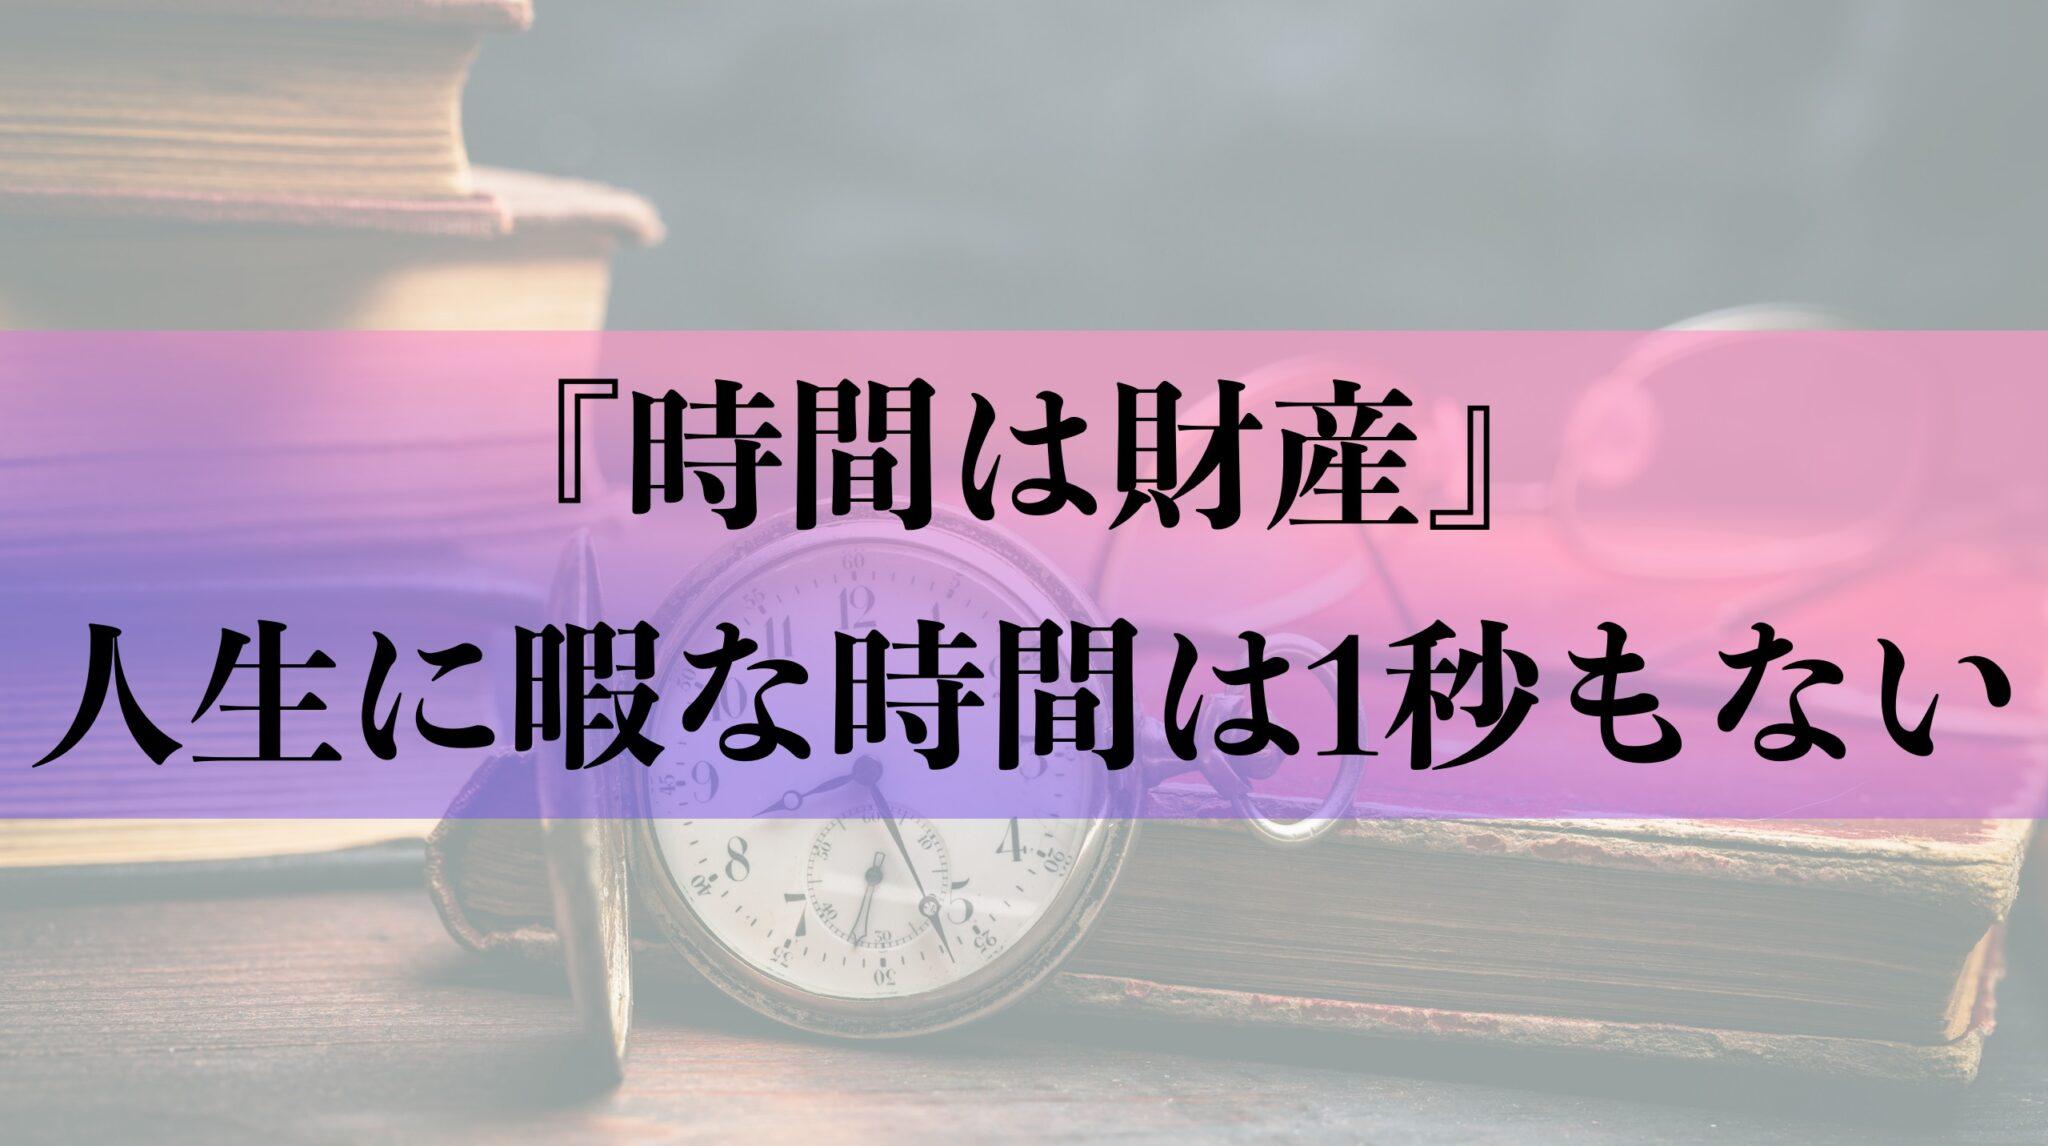 【時間は財産】人生に暇な時間は1秒もない